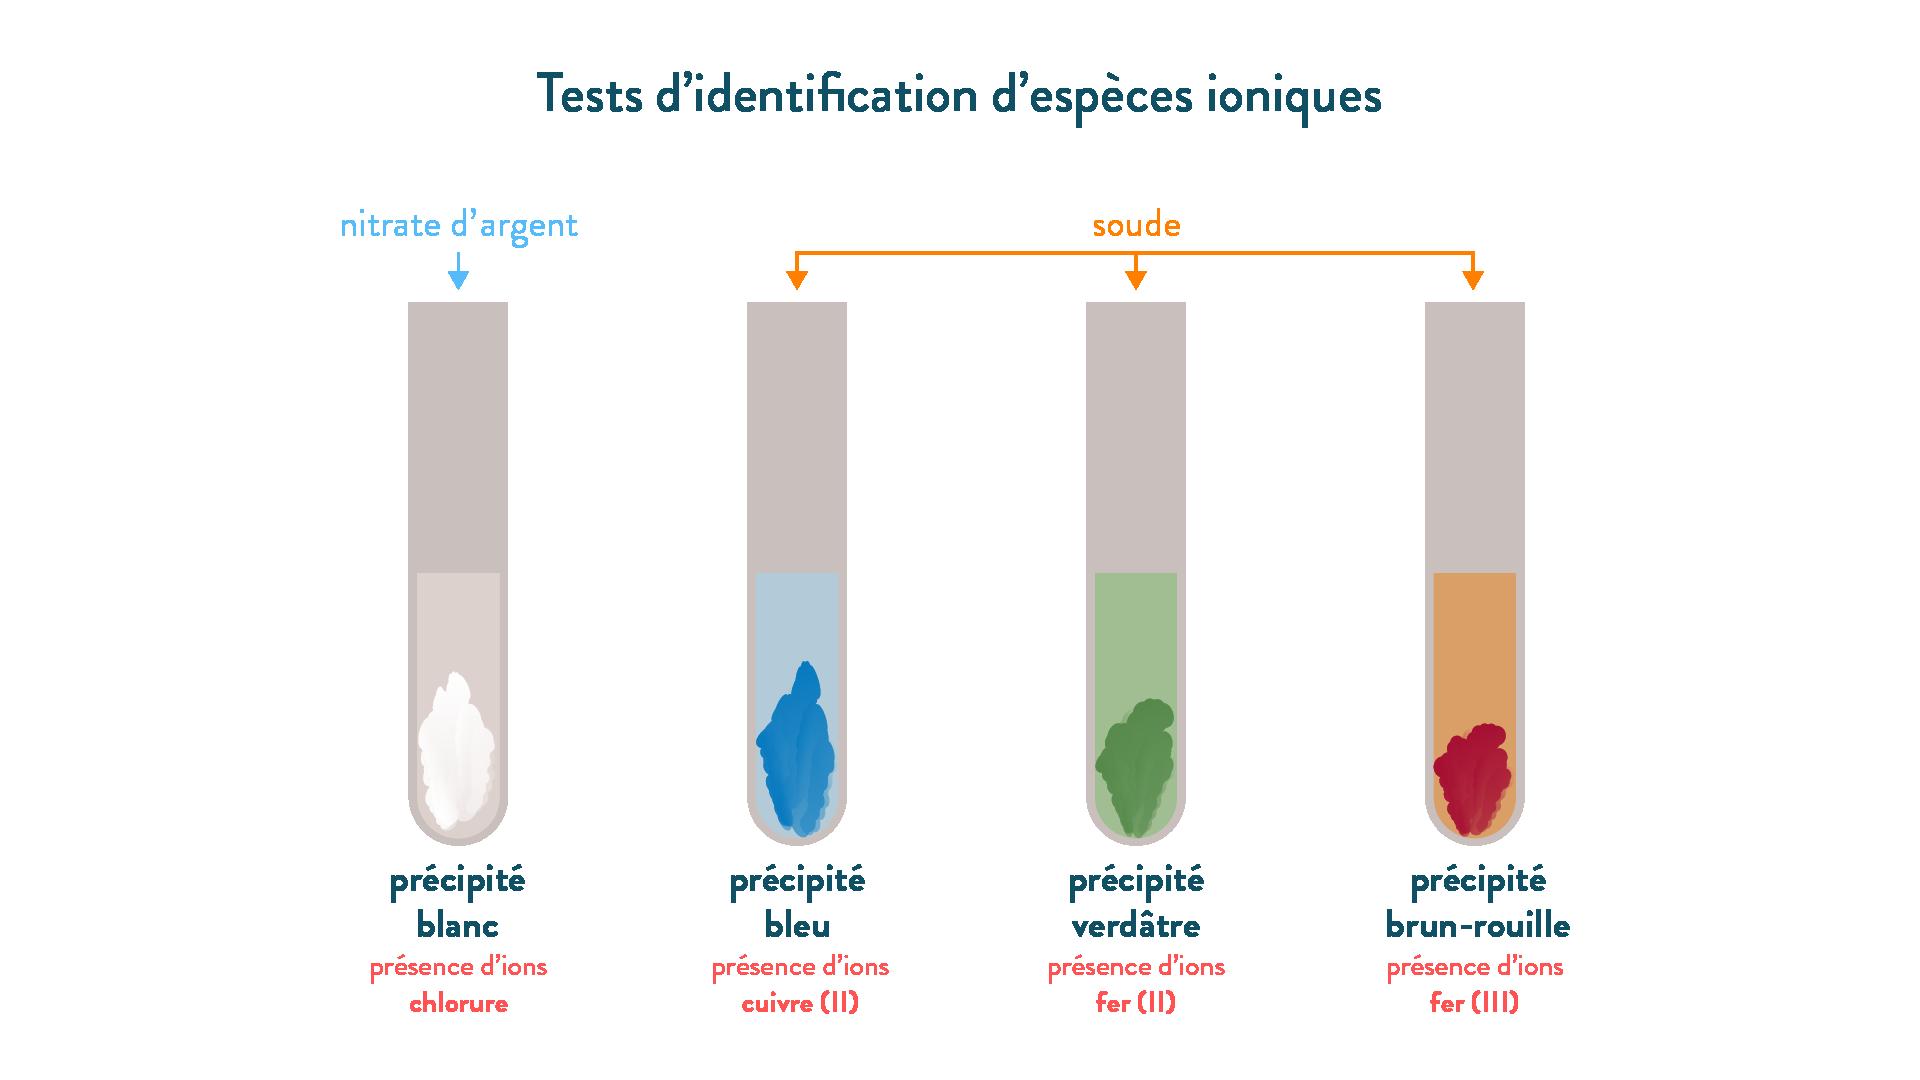 Tests d'identification d'espèces ioniques